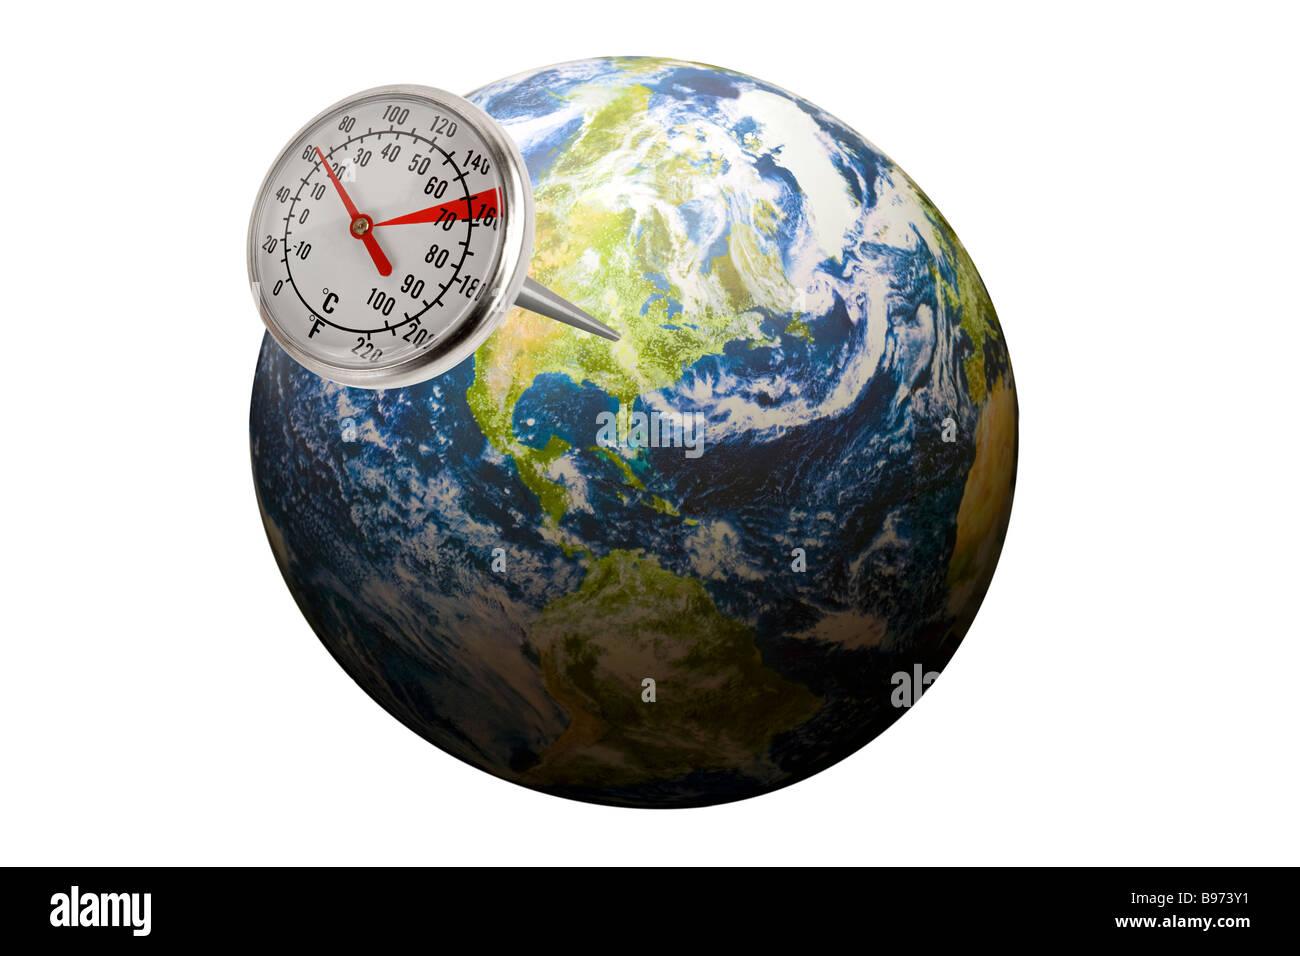 Thermomètre sortant de la planète terre illustrant les émissions de carbone ou un changement de température Photo Stock